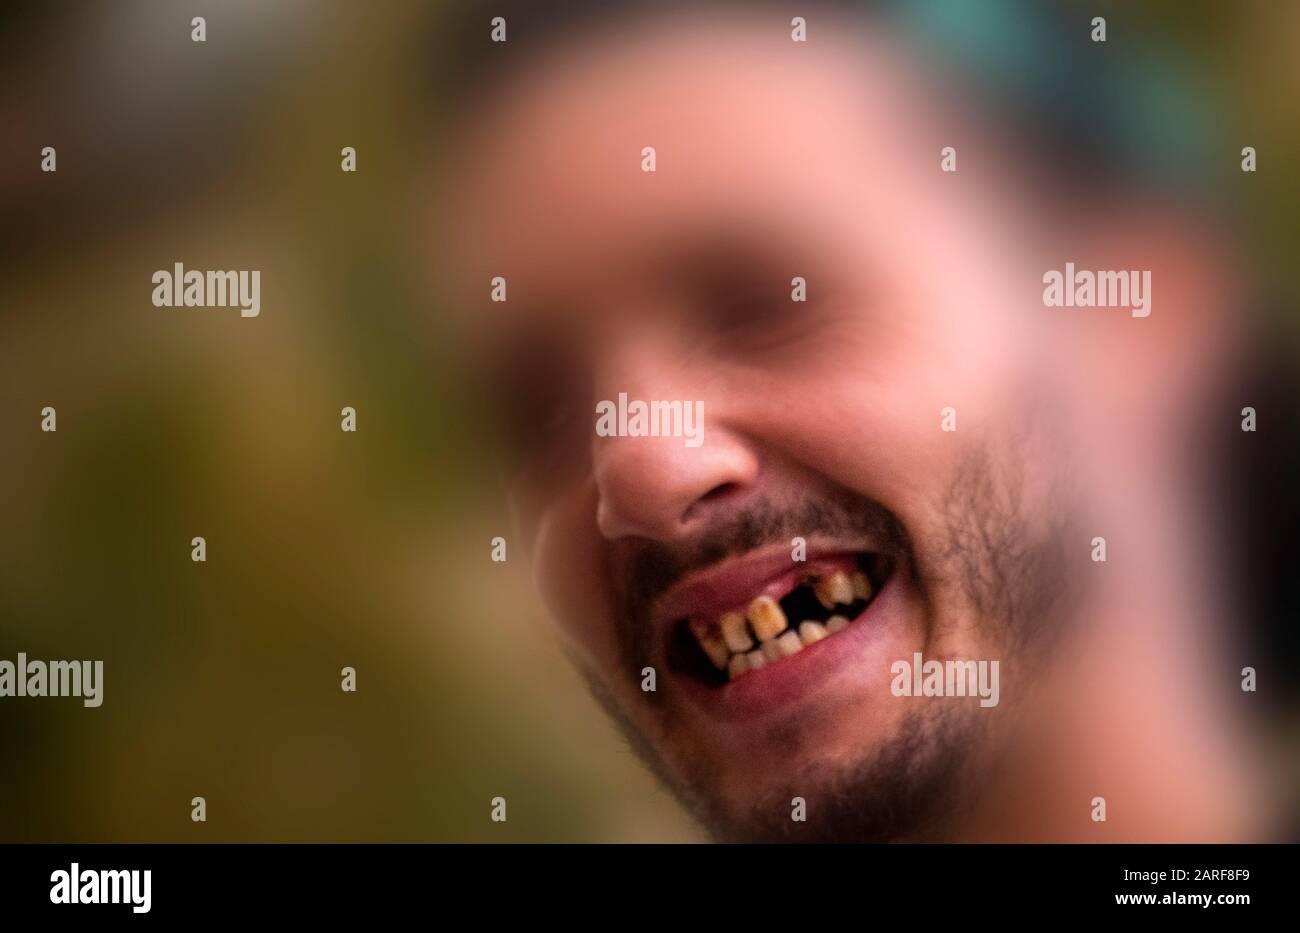 Extrem schlechte zähne was tun